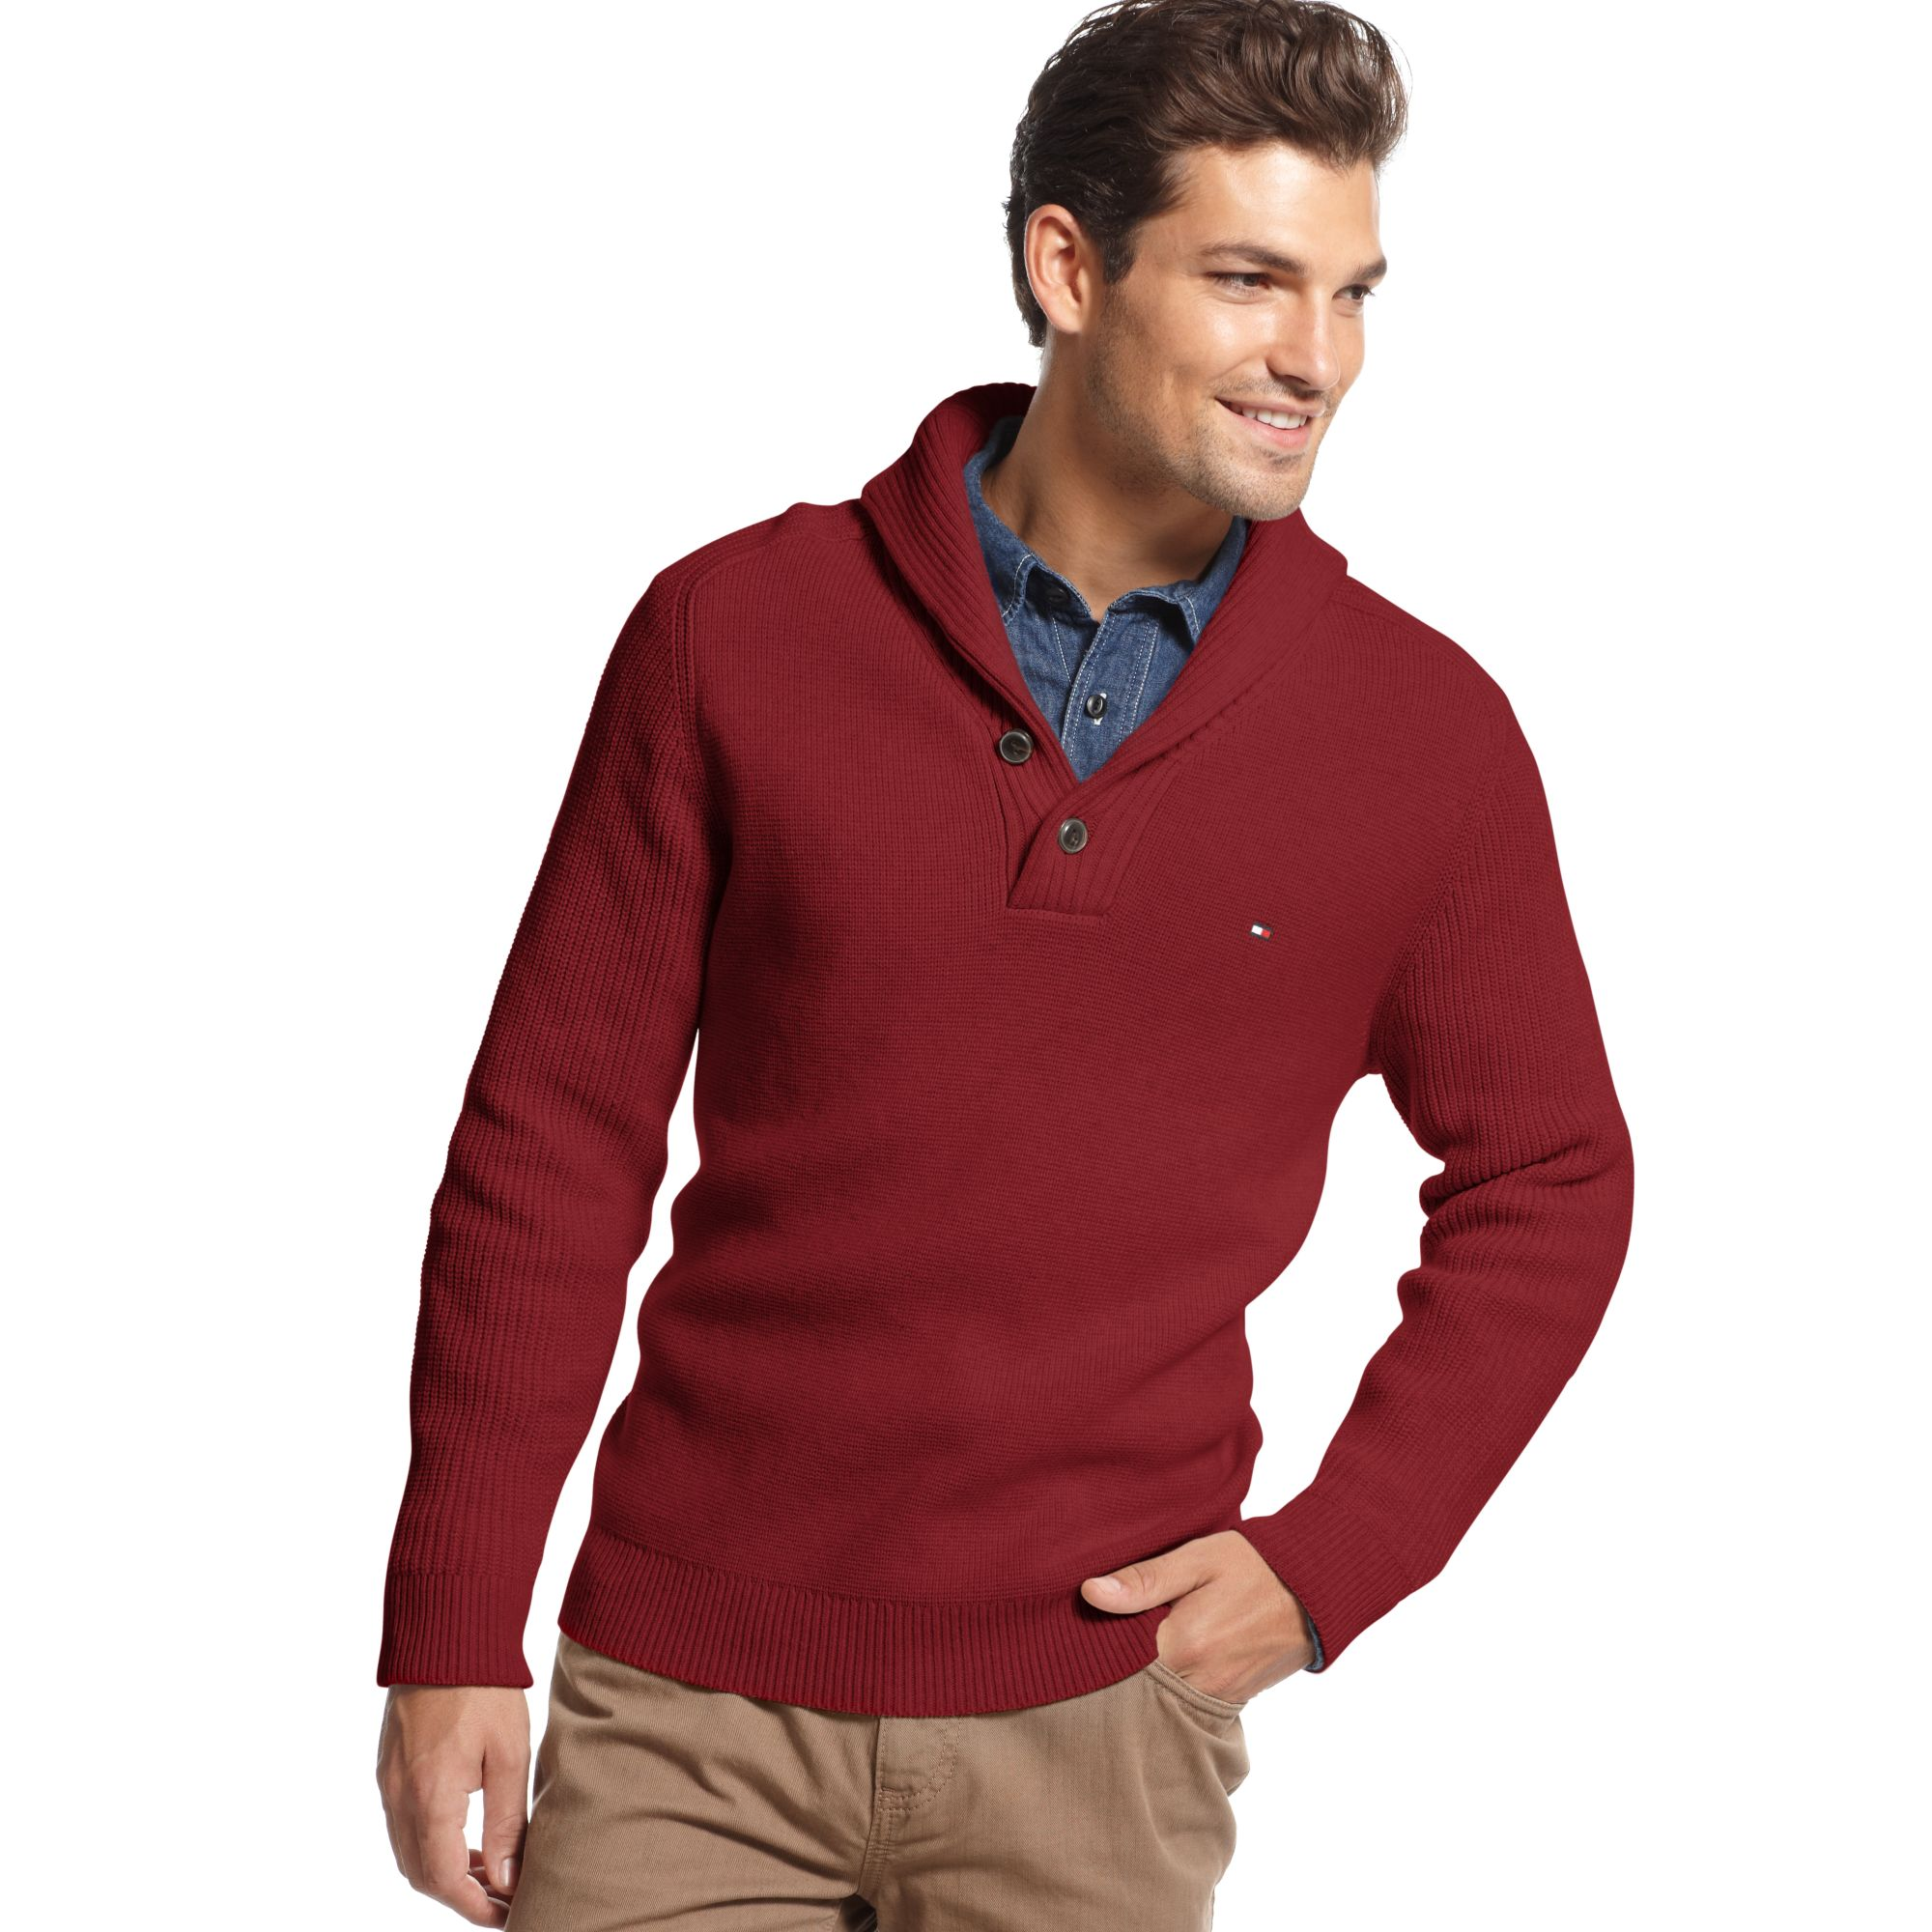 tommy hilfiger adler shawl collar sweater in red for men. Black Bedroom Furniture Sets. Home Design Ideas